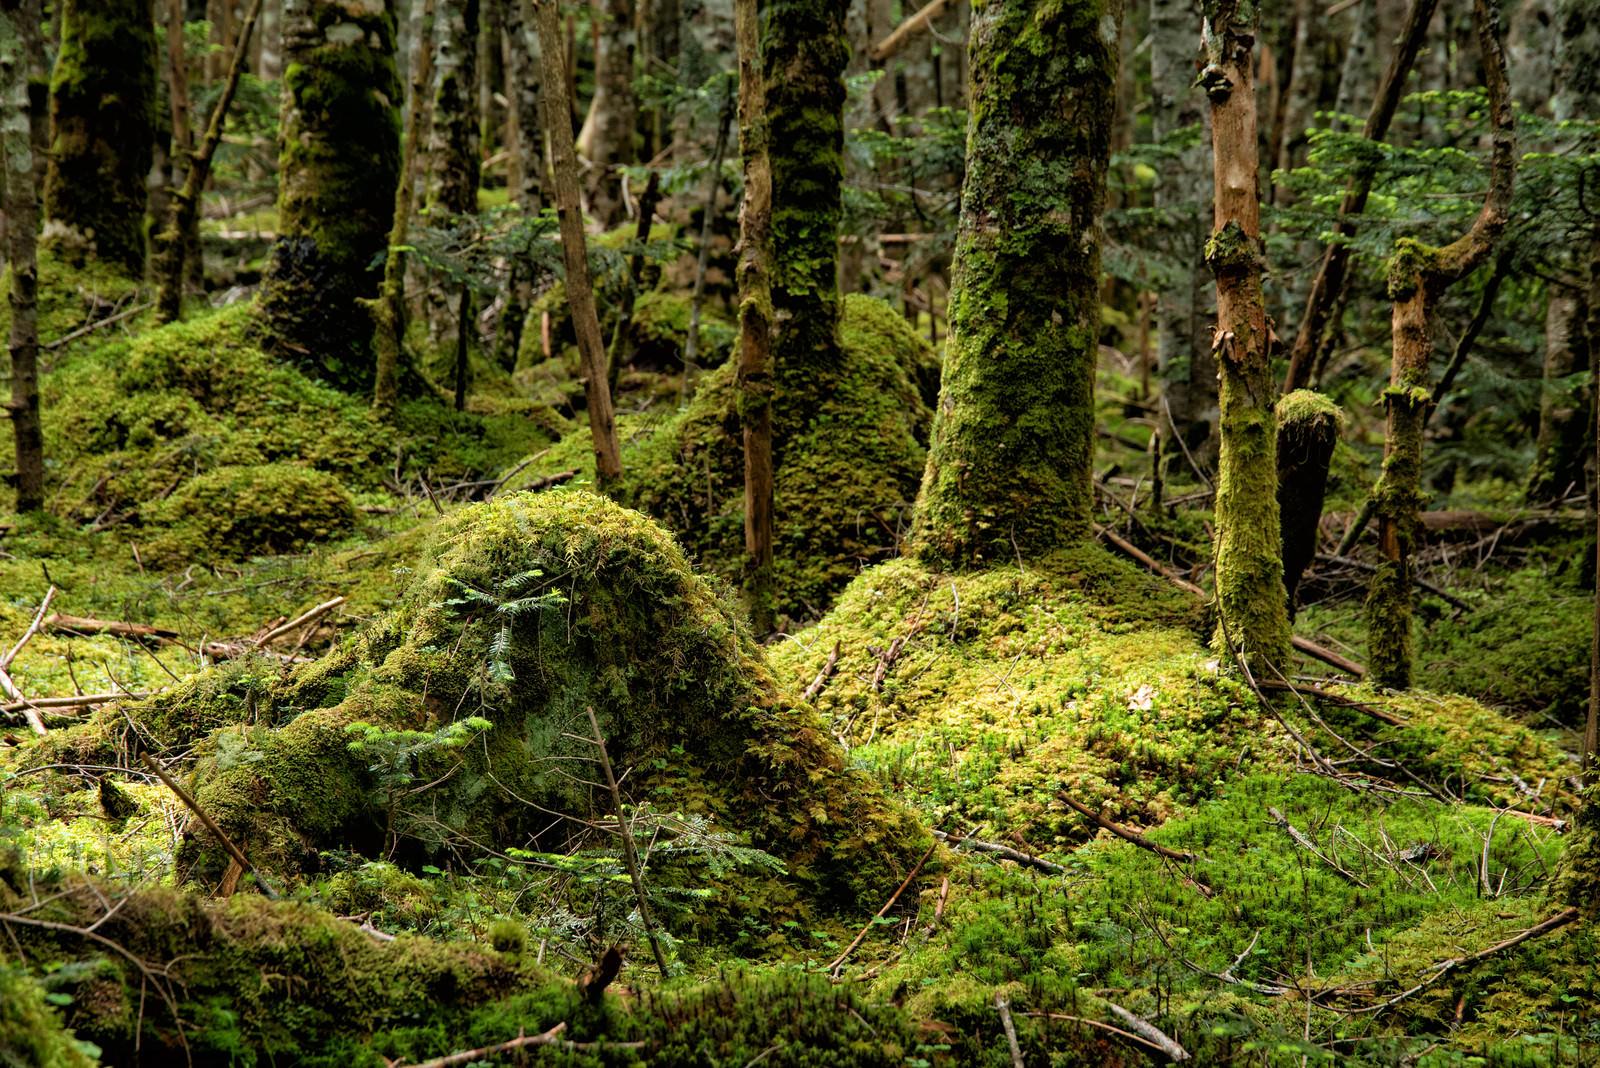 「森の中に自生する苔の大地」の写真